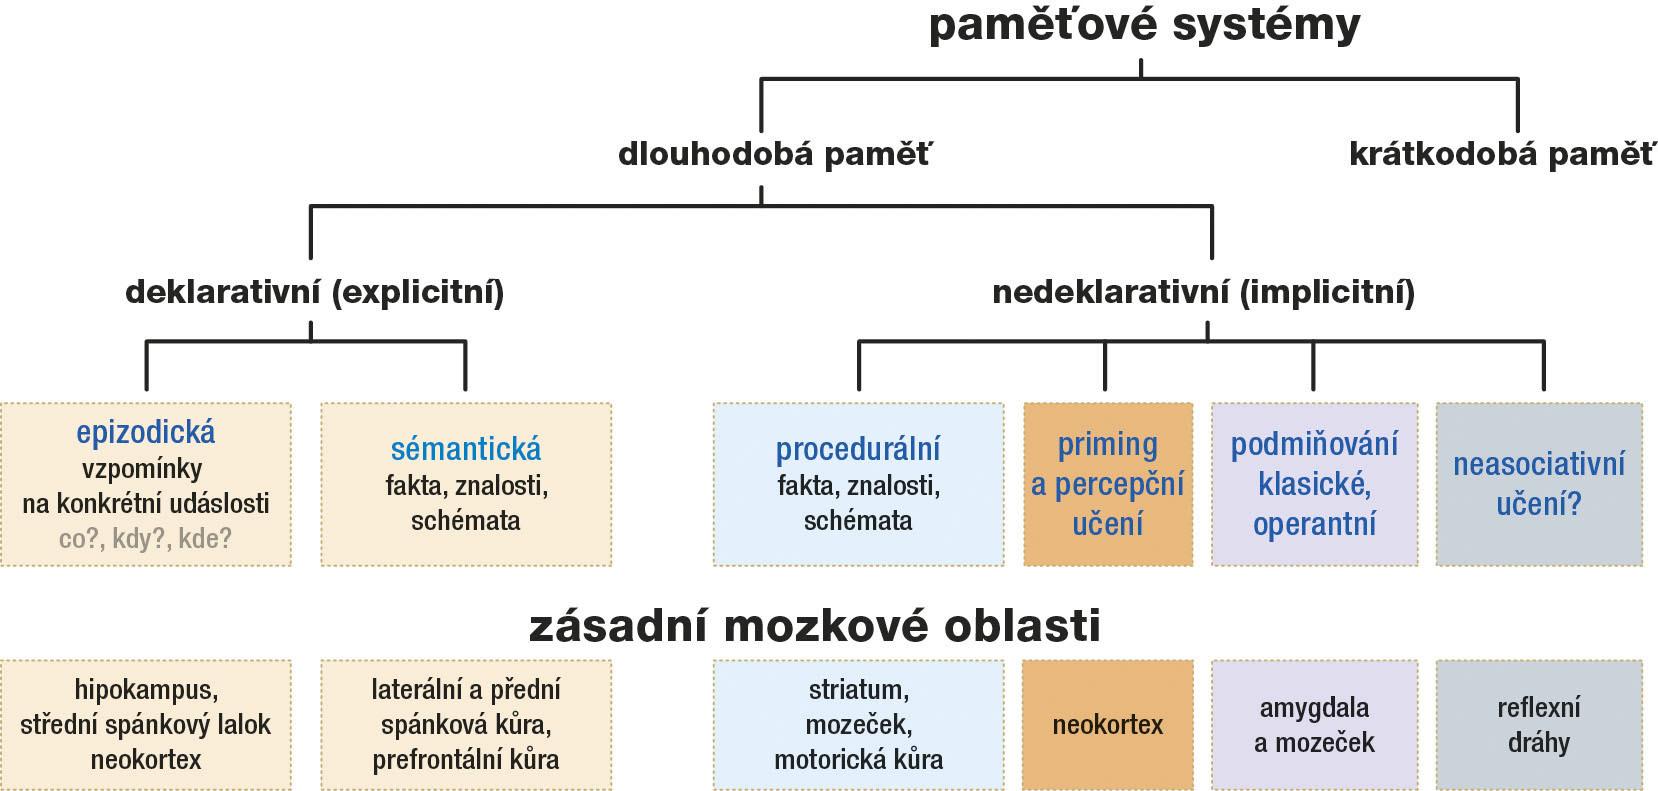 Paměťové systémy